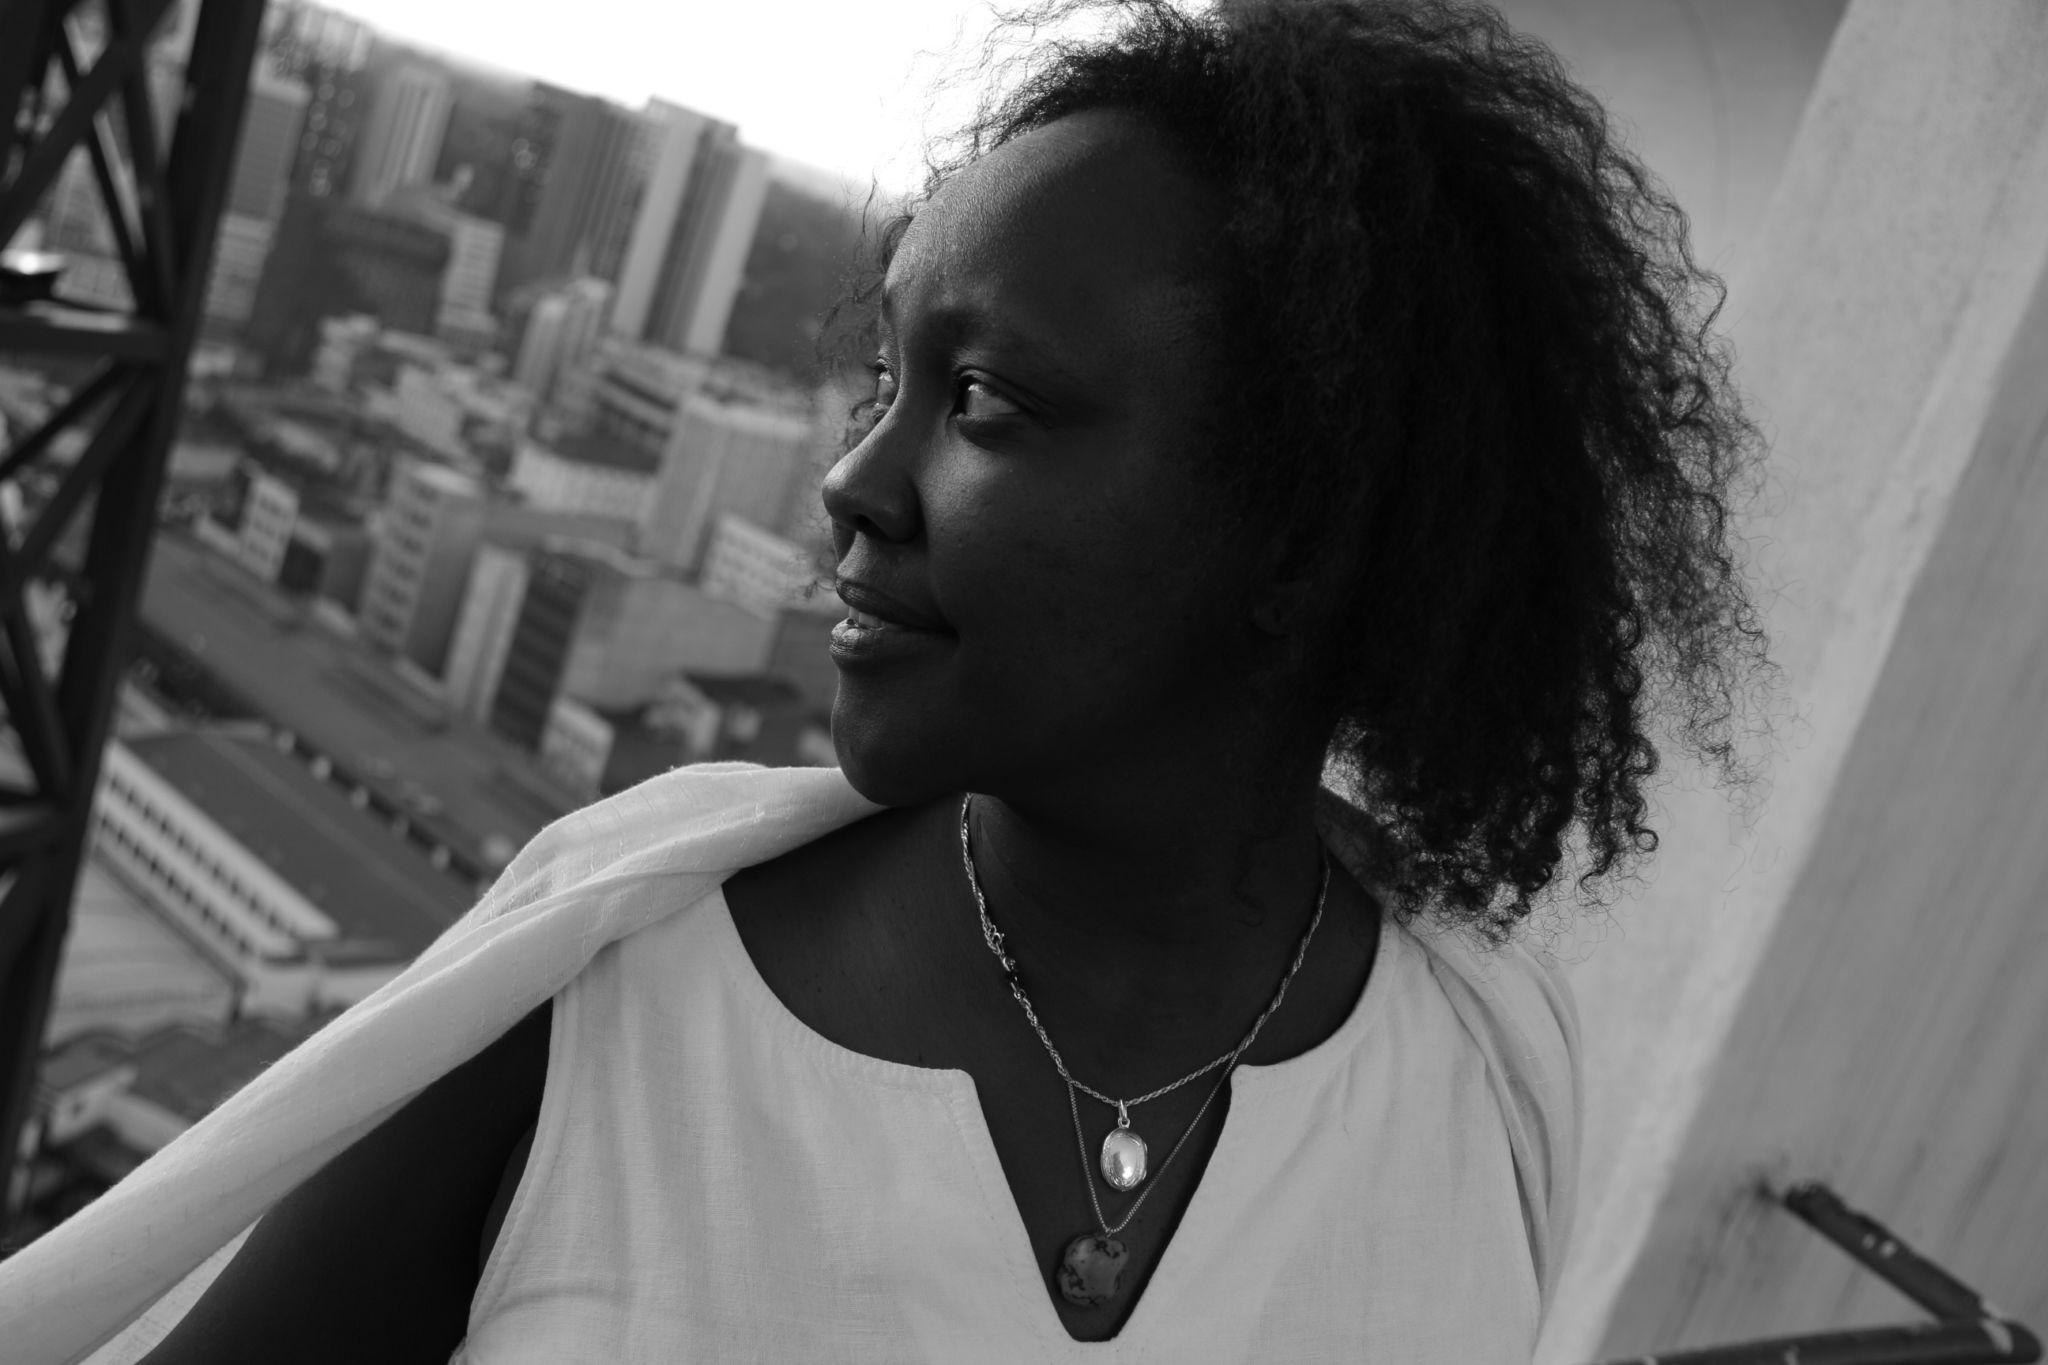 hombres buscando mujeres negras libre de citas libres